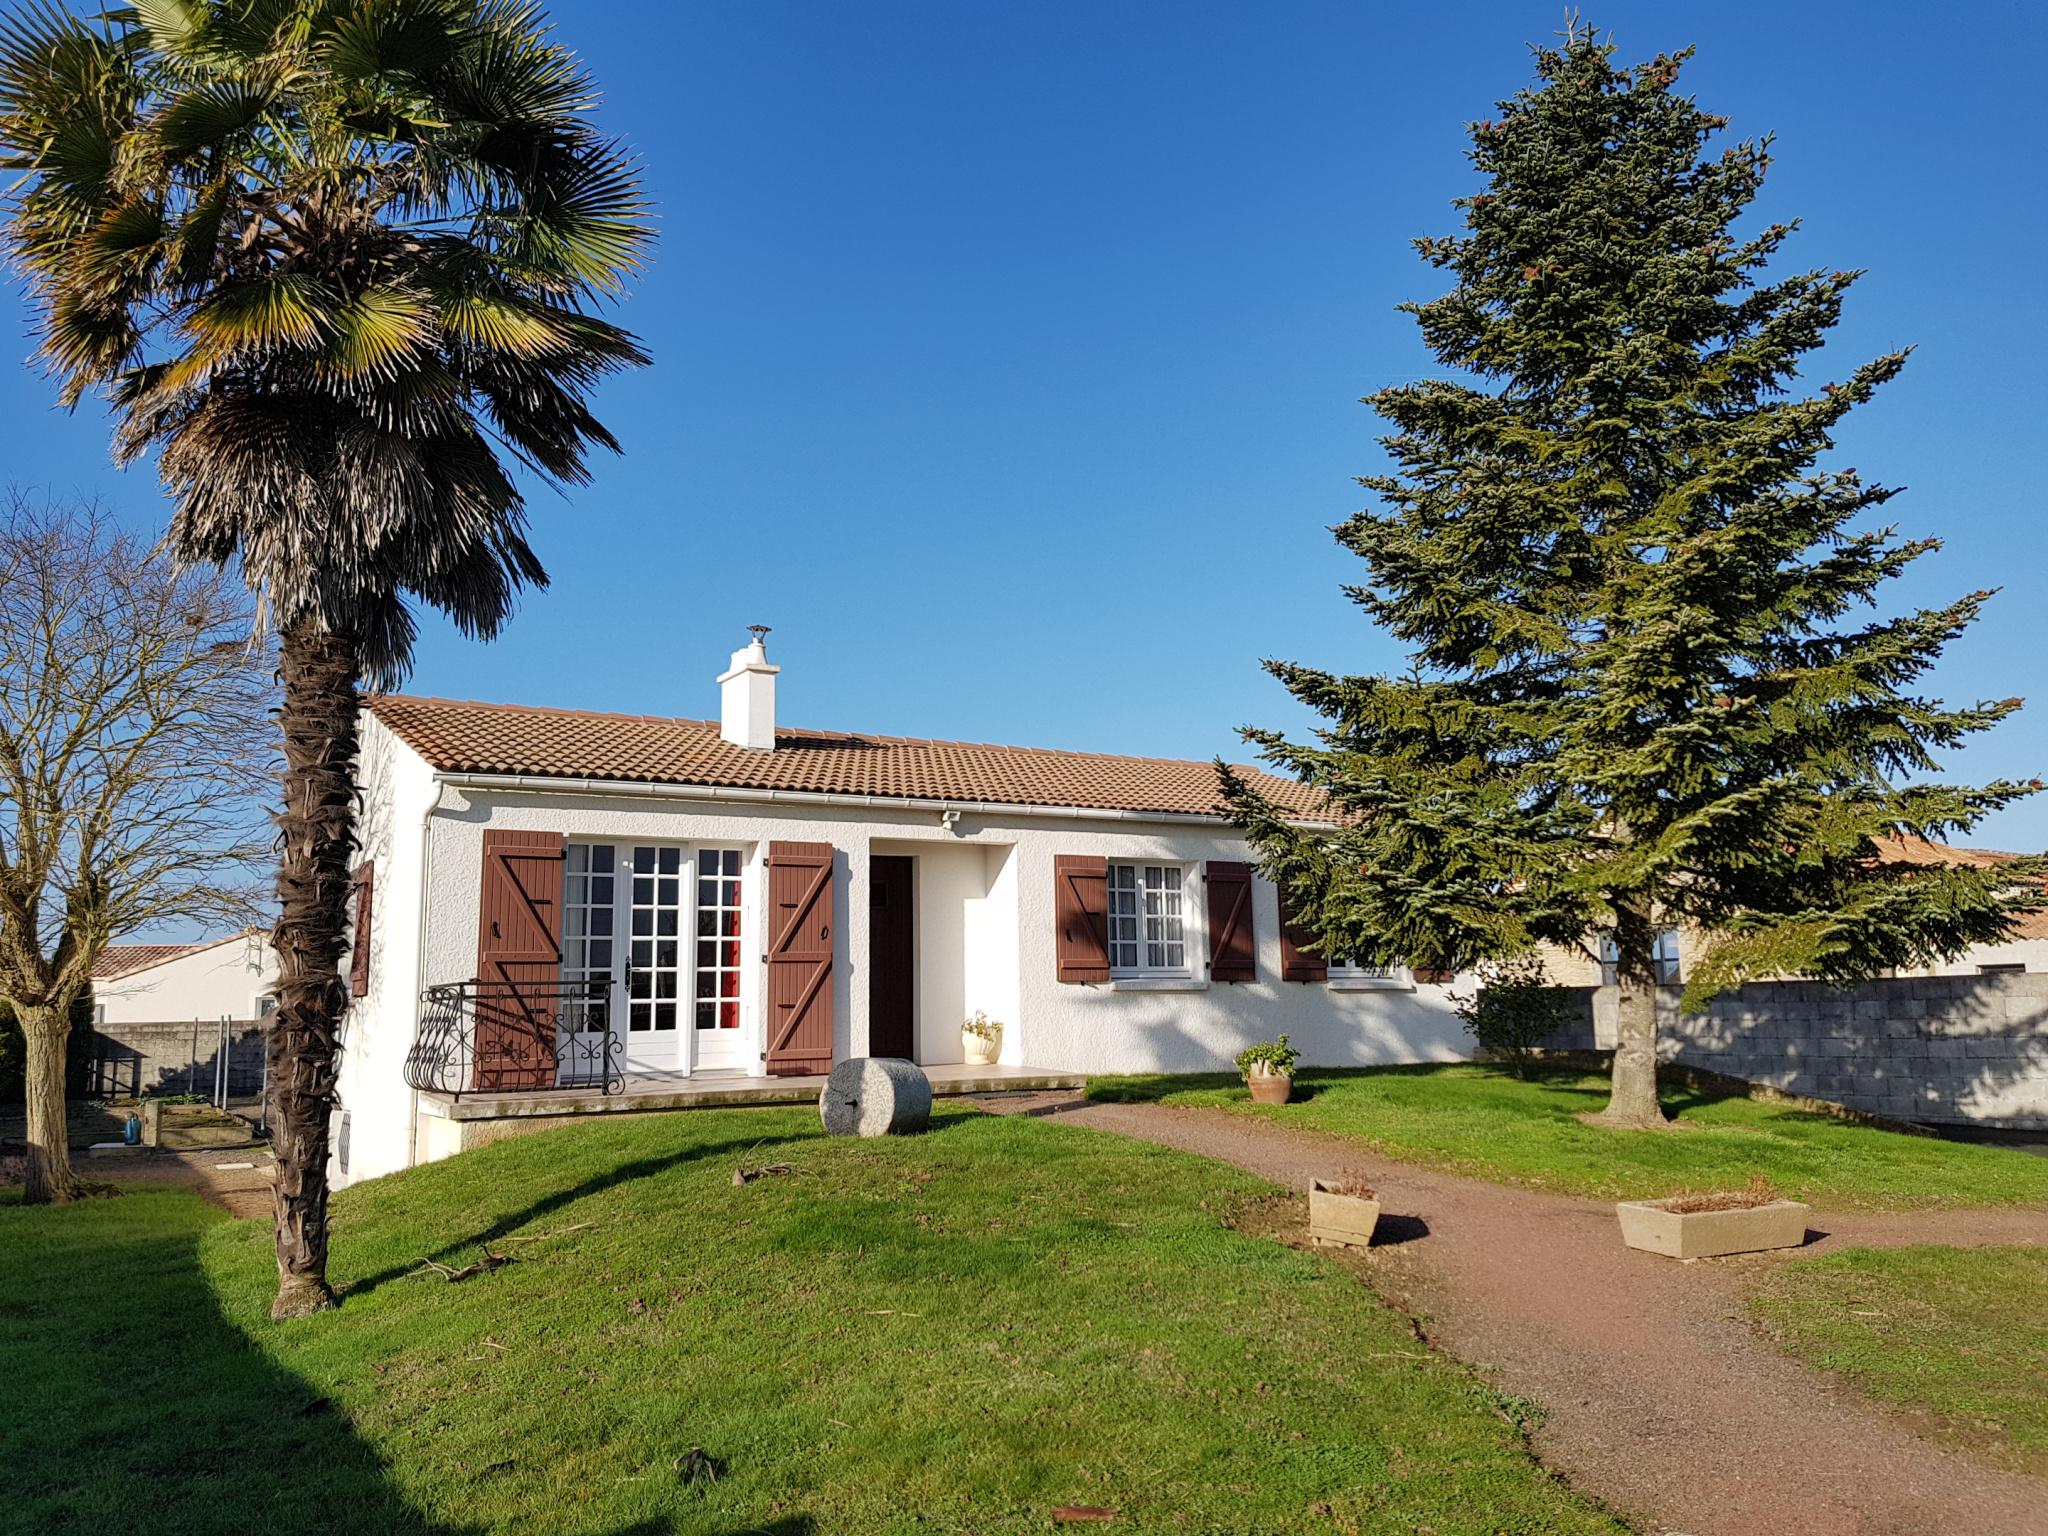 maison/villa angles Maison sur sous-sol avec 3 chambres